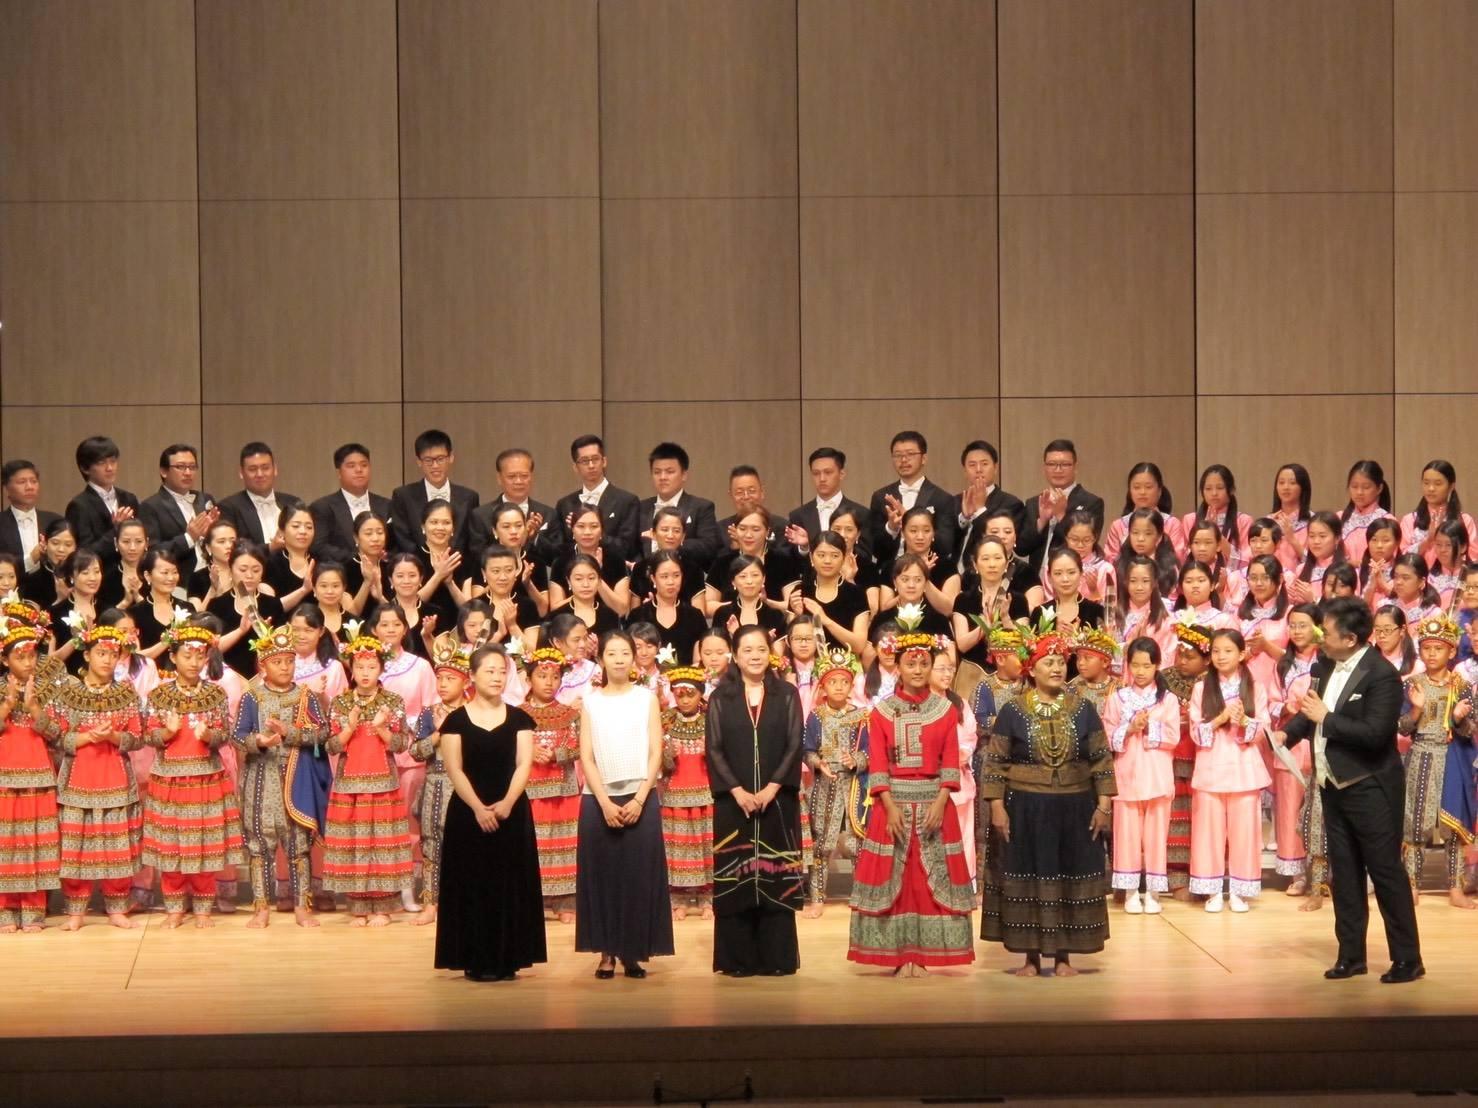 全國鄉土歌謠音樂會中原登場 詠唱臺灣百年歌謠之美